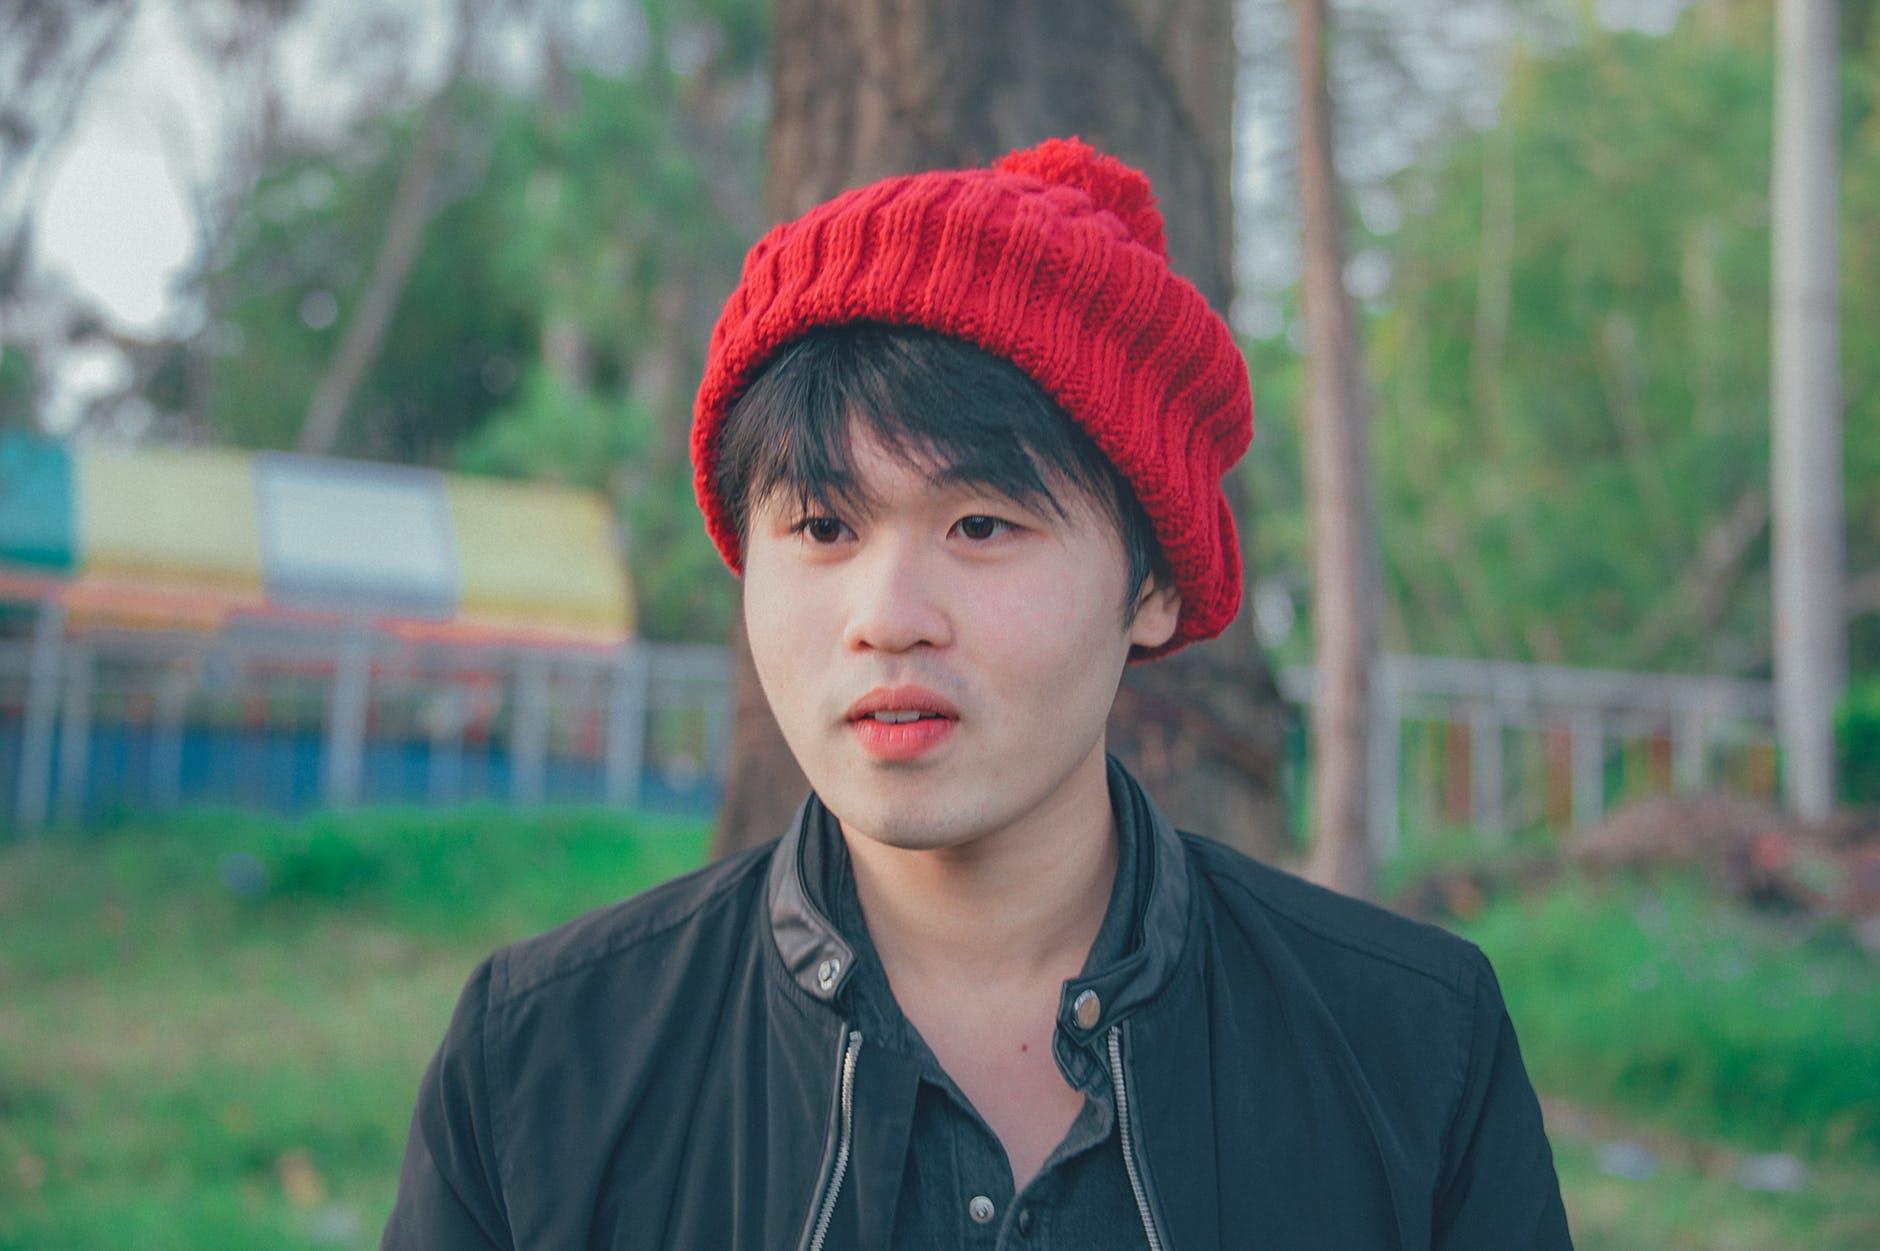 Man wearing red knit cap photo